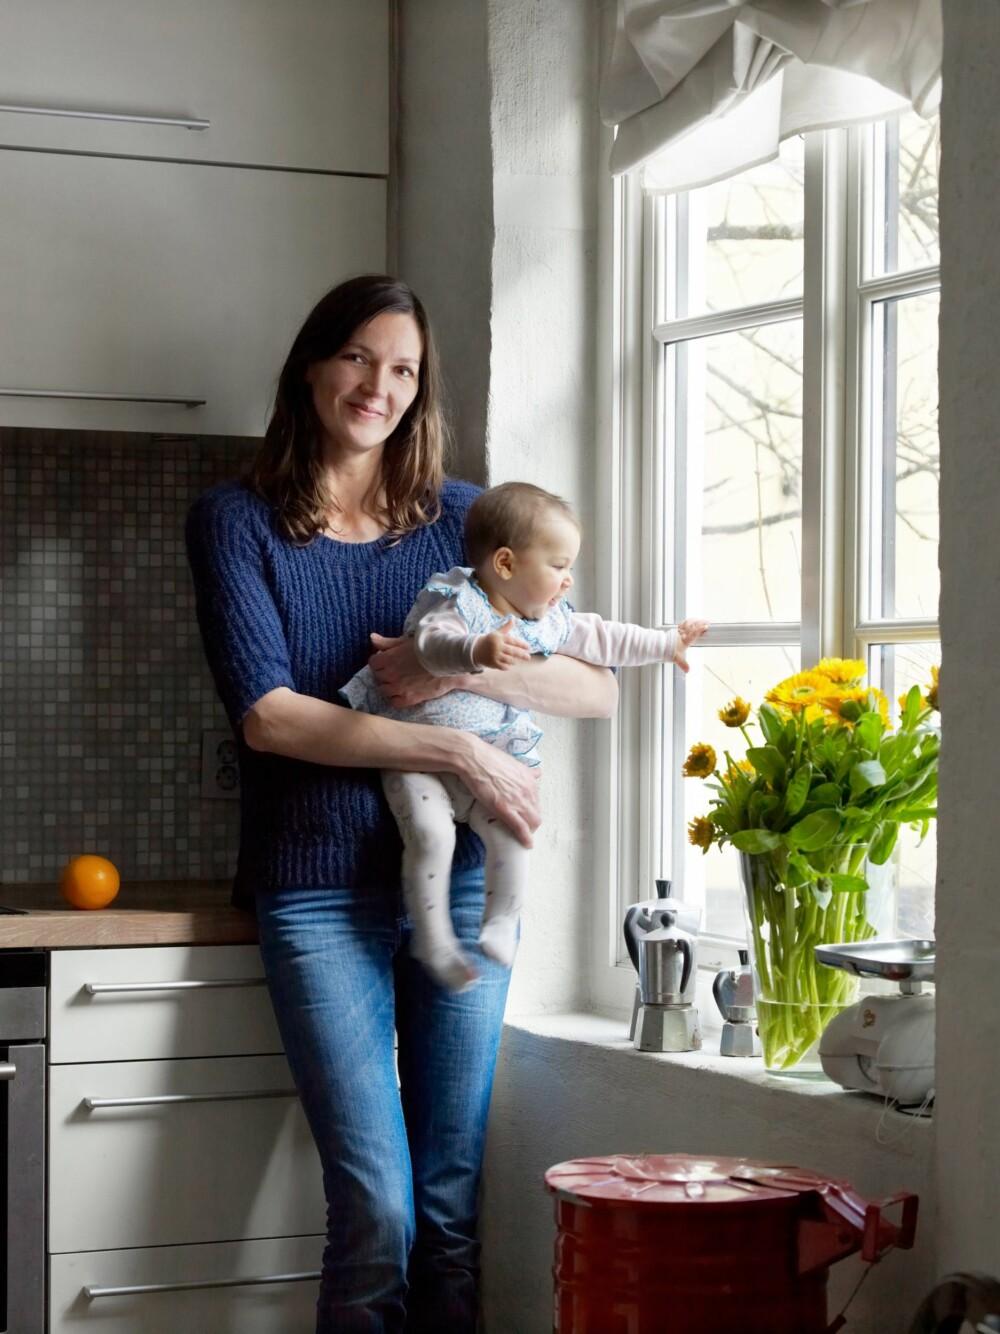 SELGER TINGENE SINE: Nina og familien selger gamle bruktskatter i eget hjem.